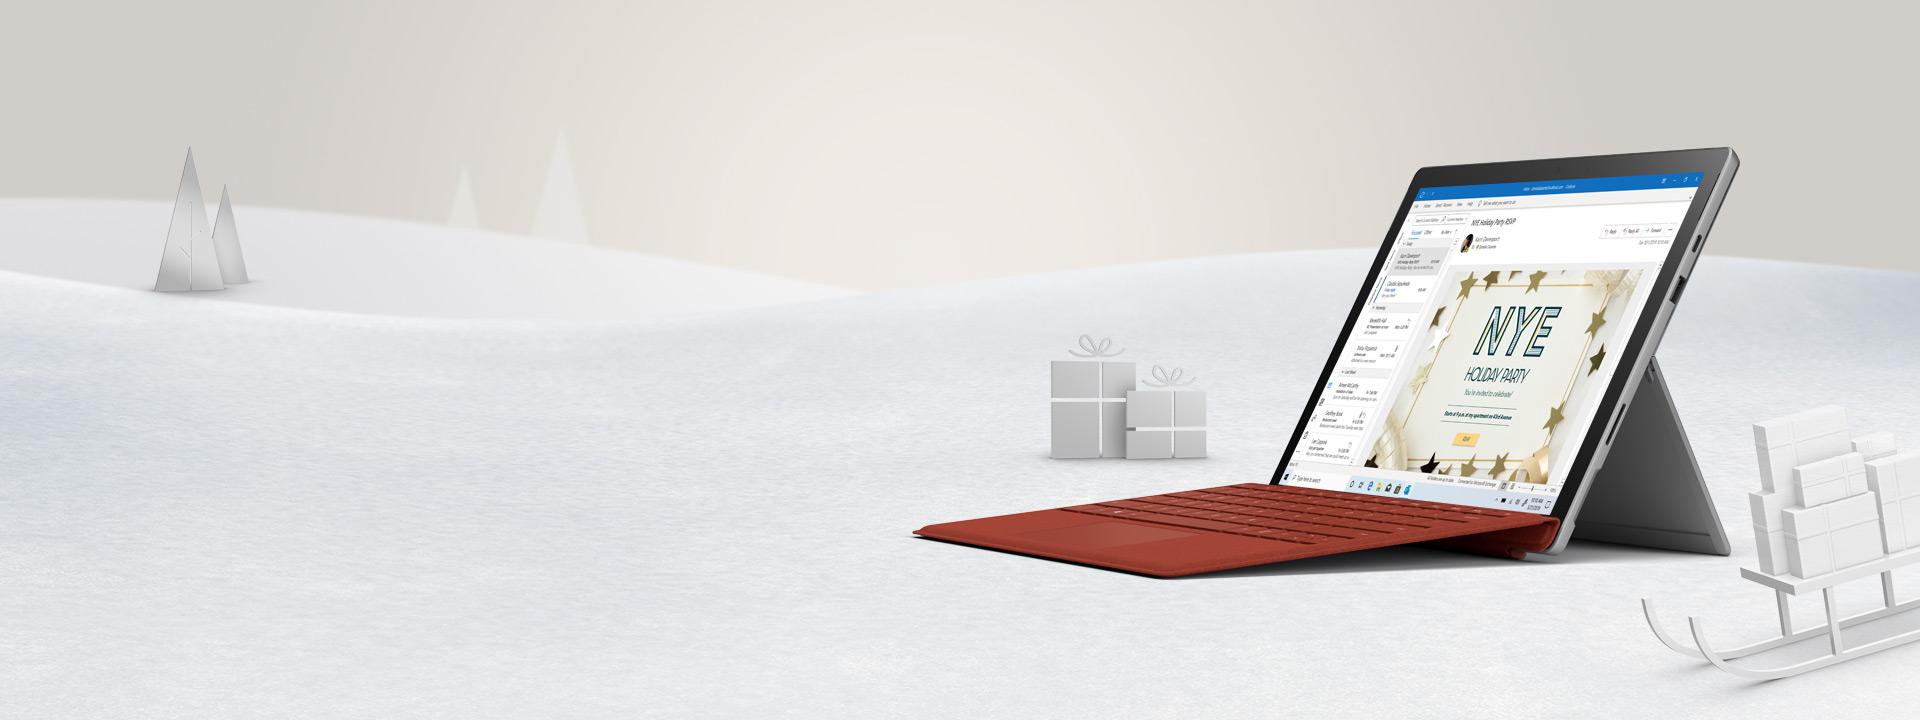 Doświadcz mnogości możliwości z nowym urządzeniem Surface Pro7